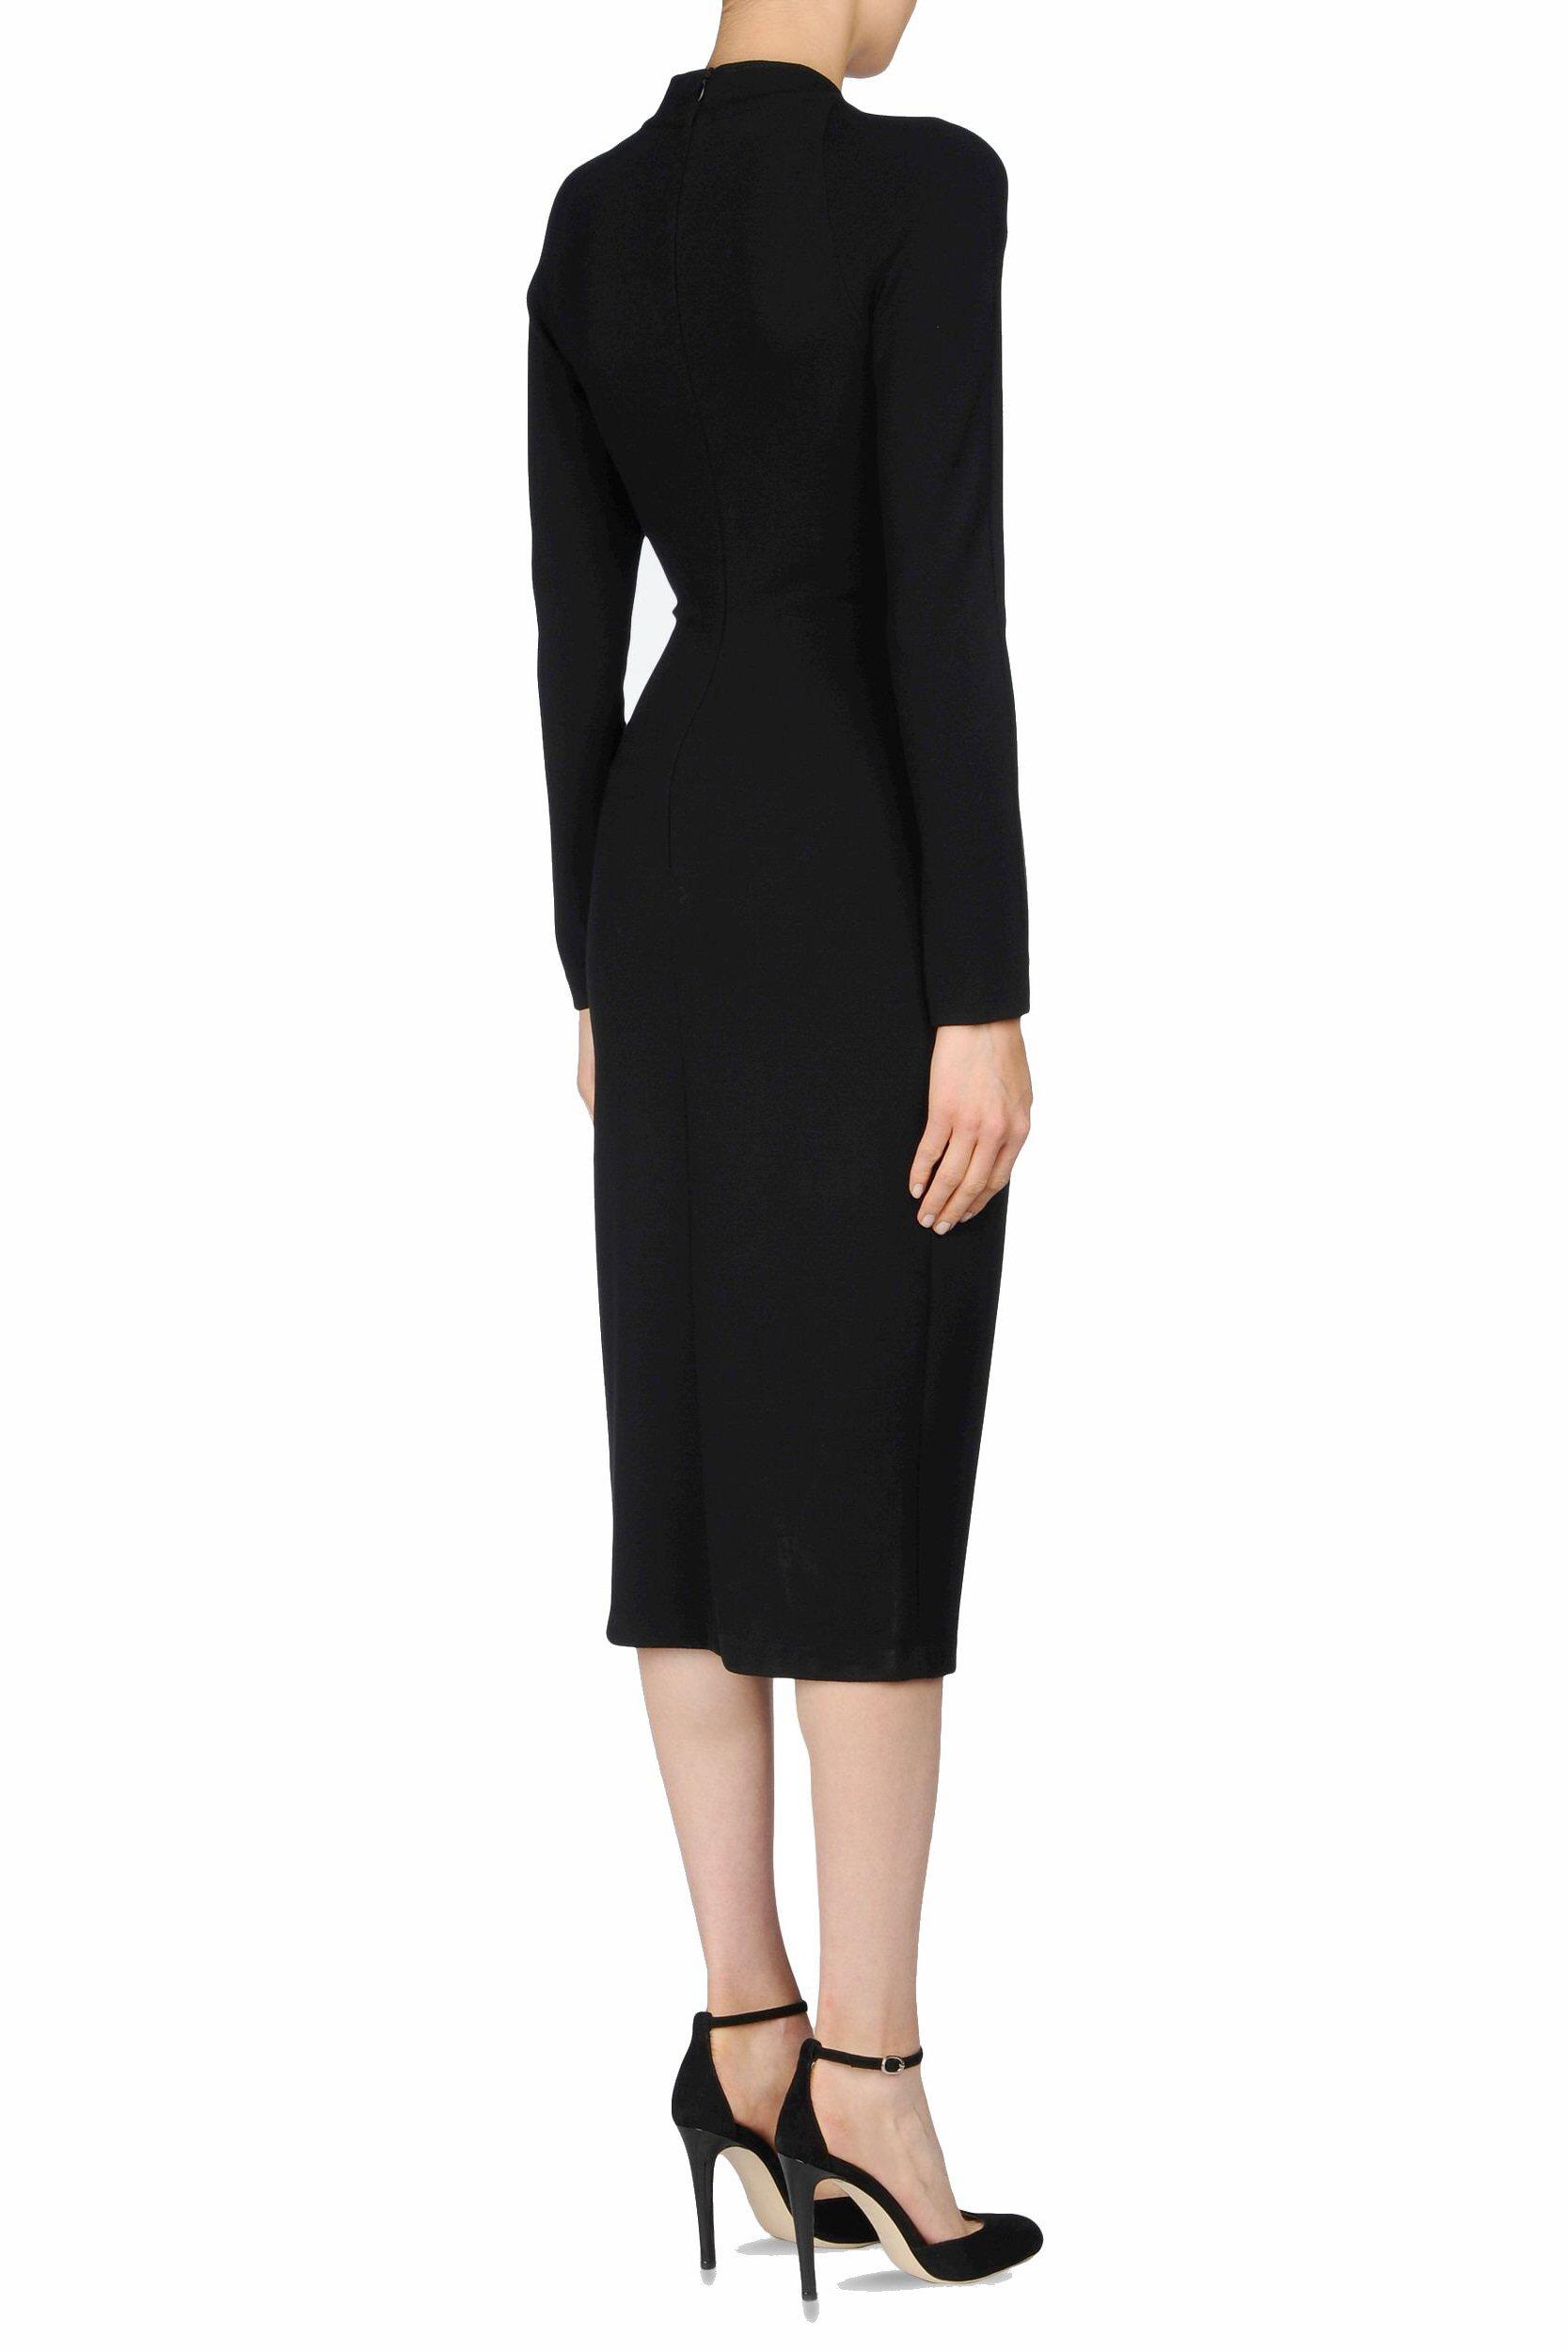 Armani Workwear 16-43